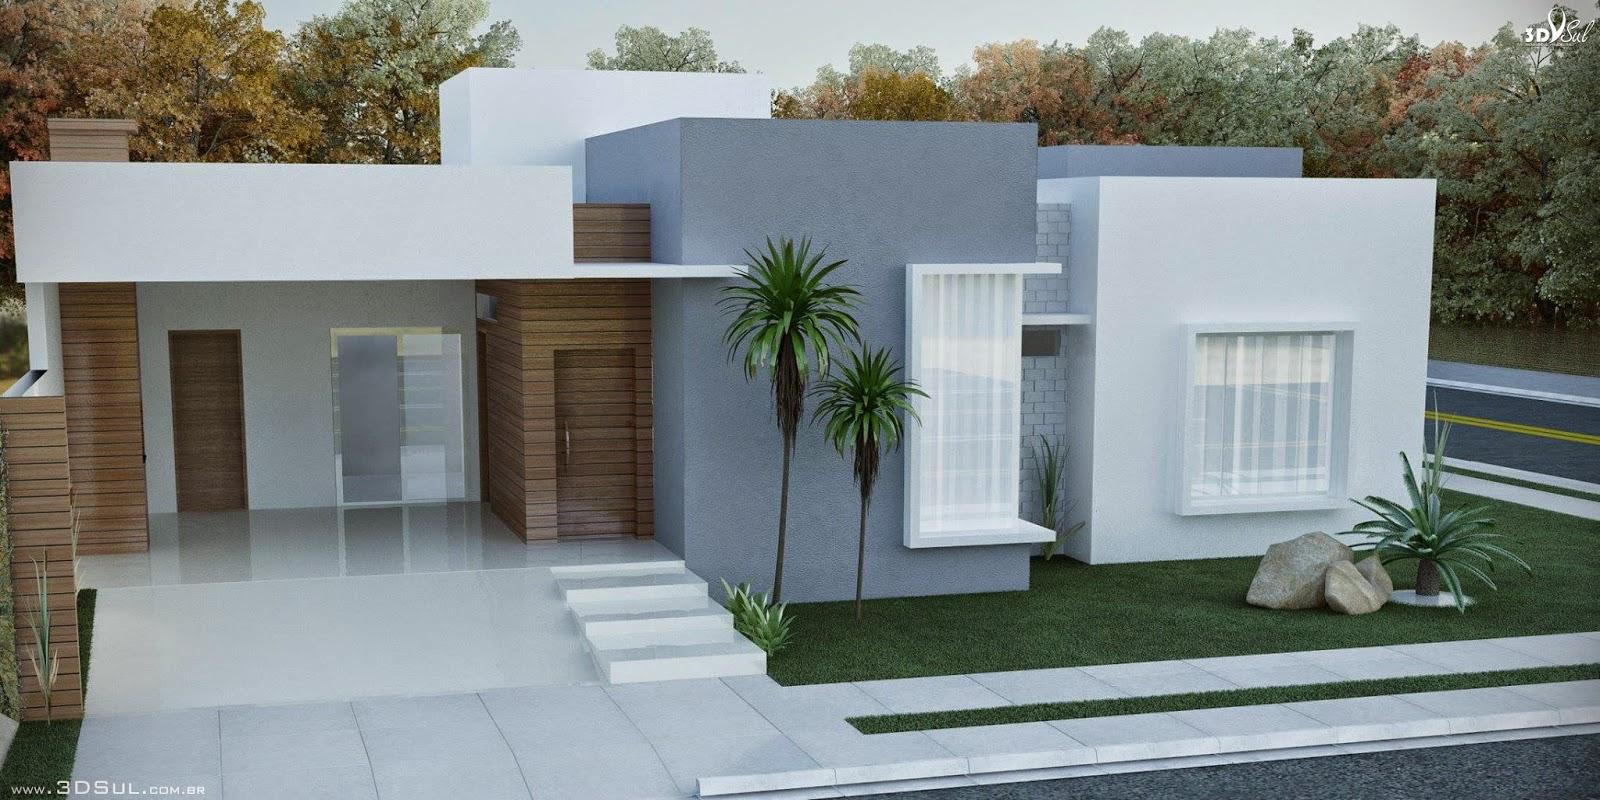 Construindo minha casa clean fachadas de casas quadradas for Modelo de fachadas para casas modernas